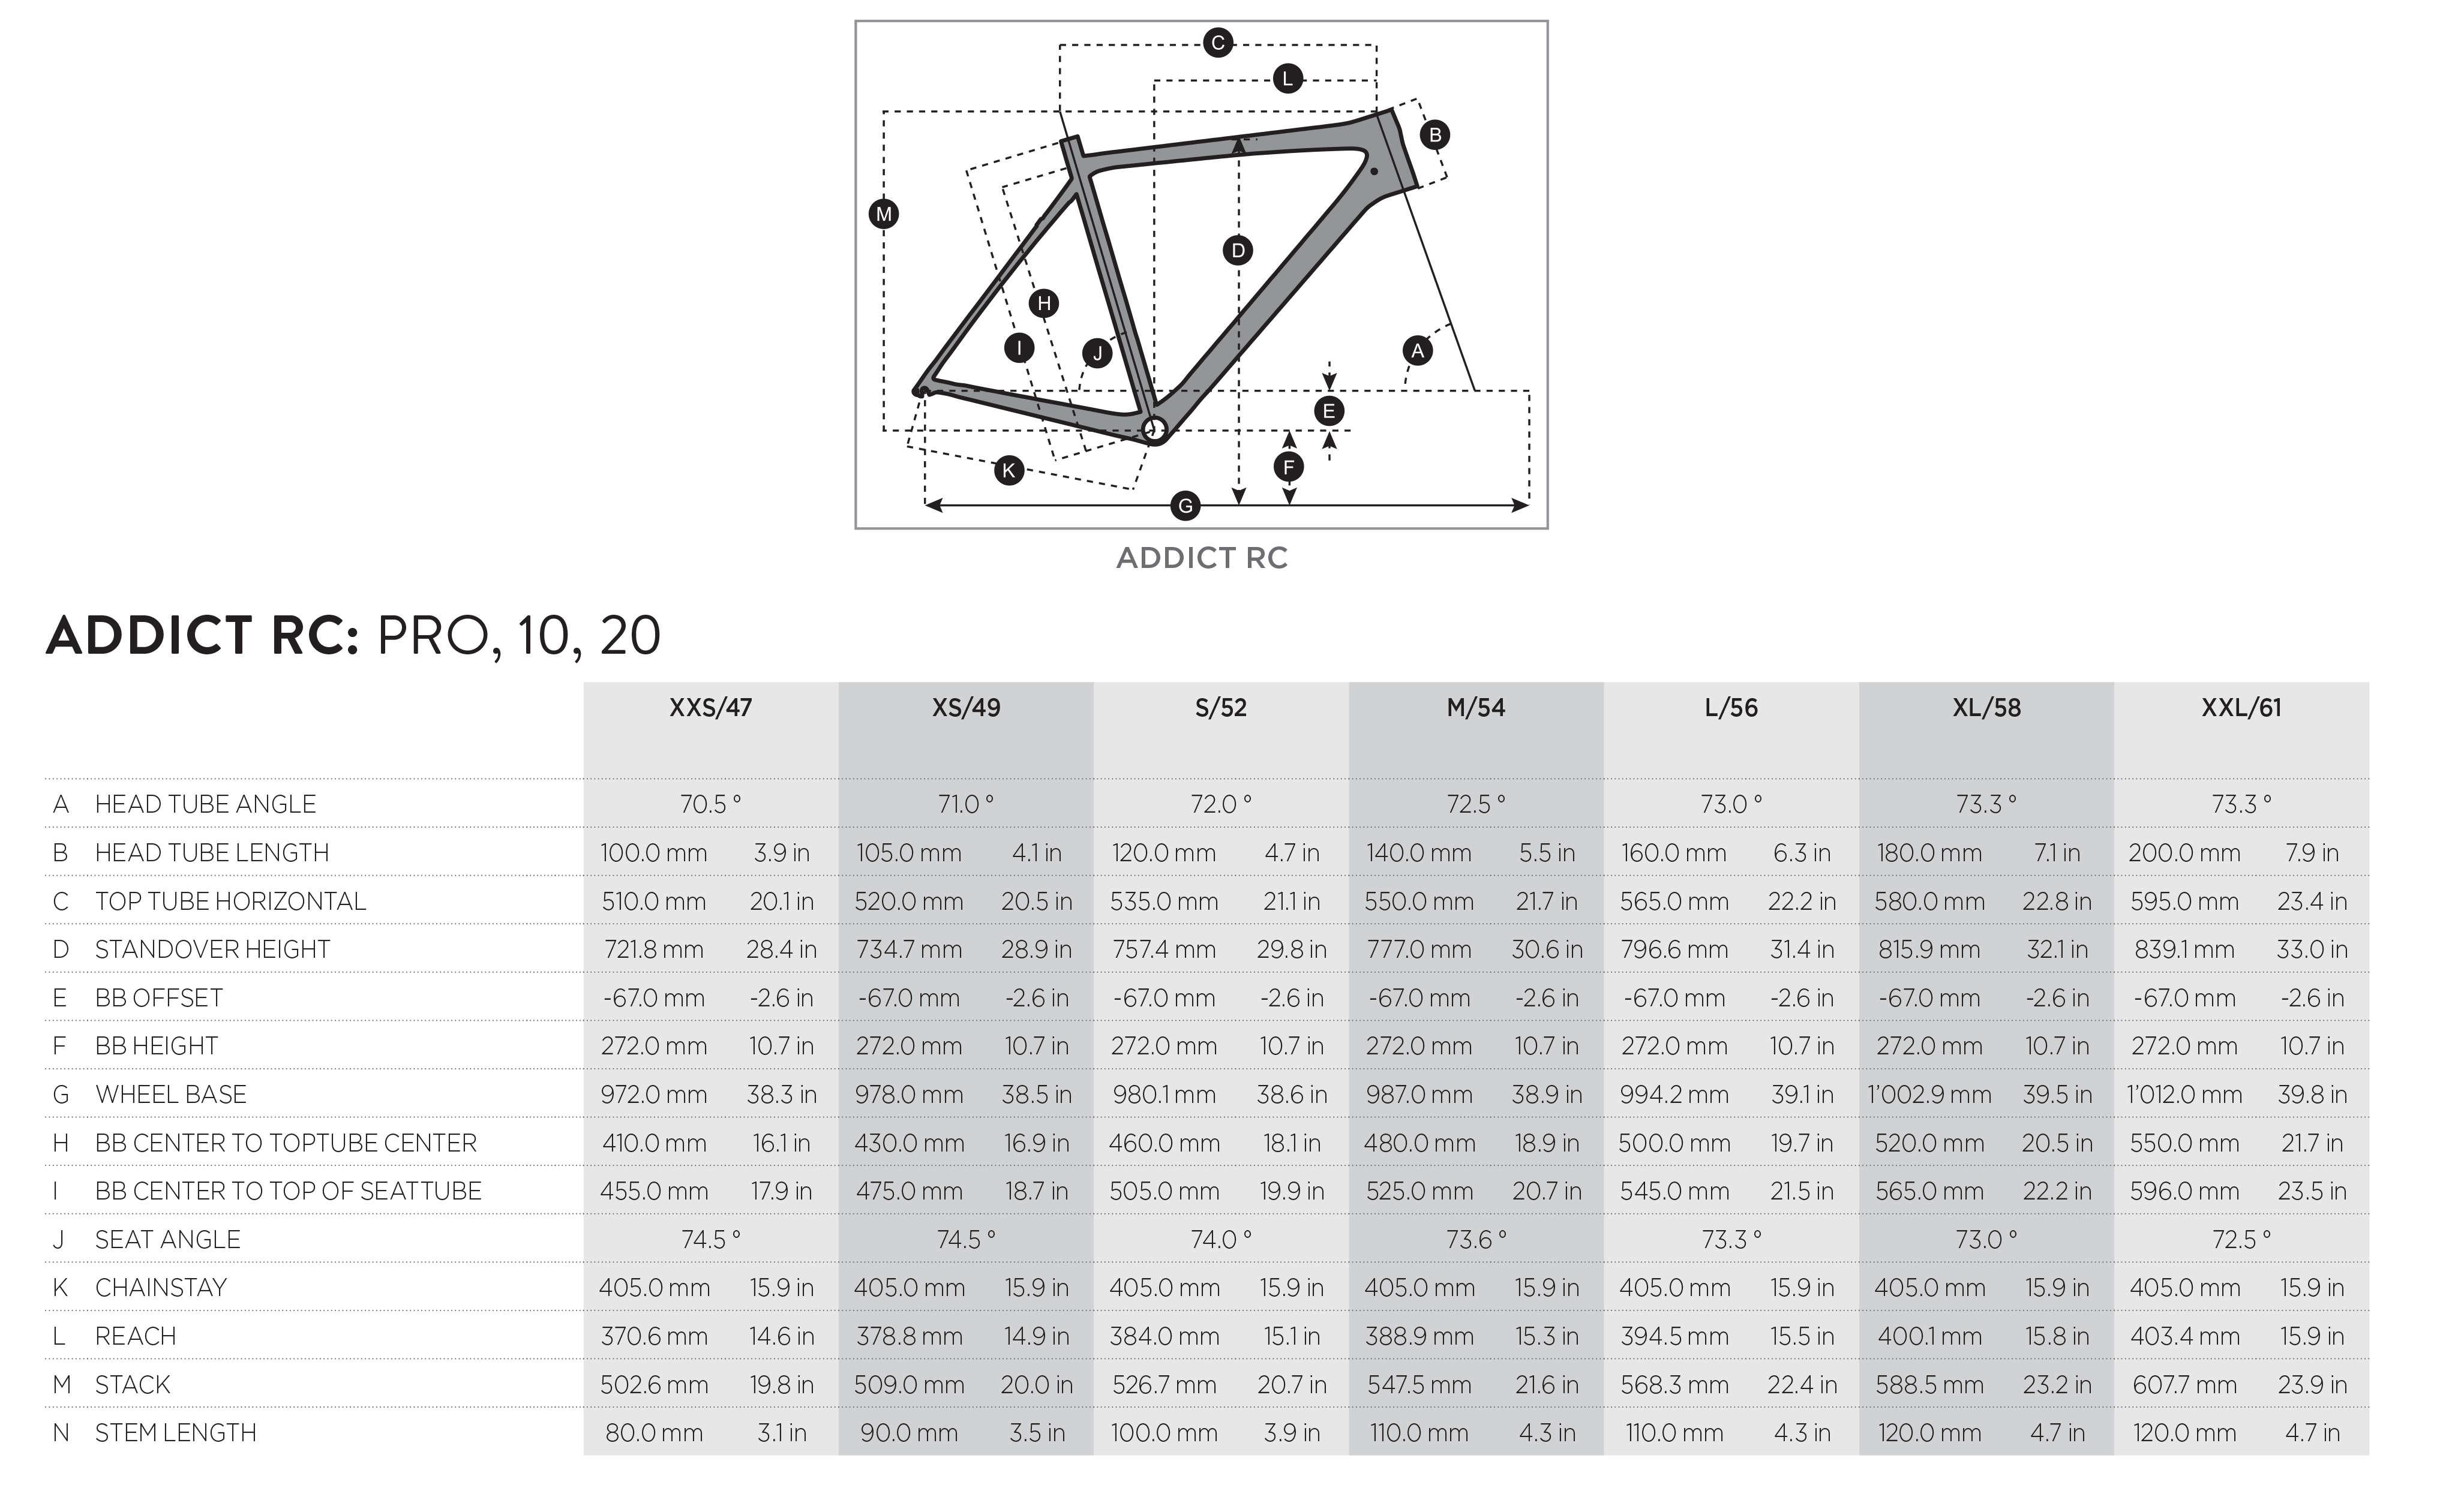 Scott Addict RC geometry chart